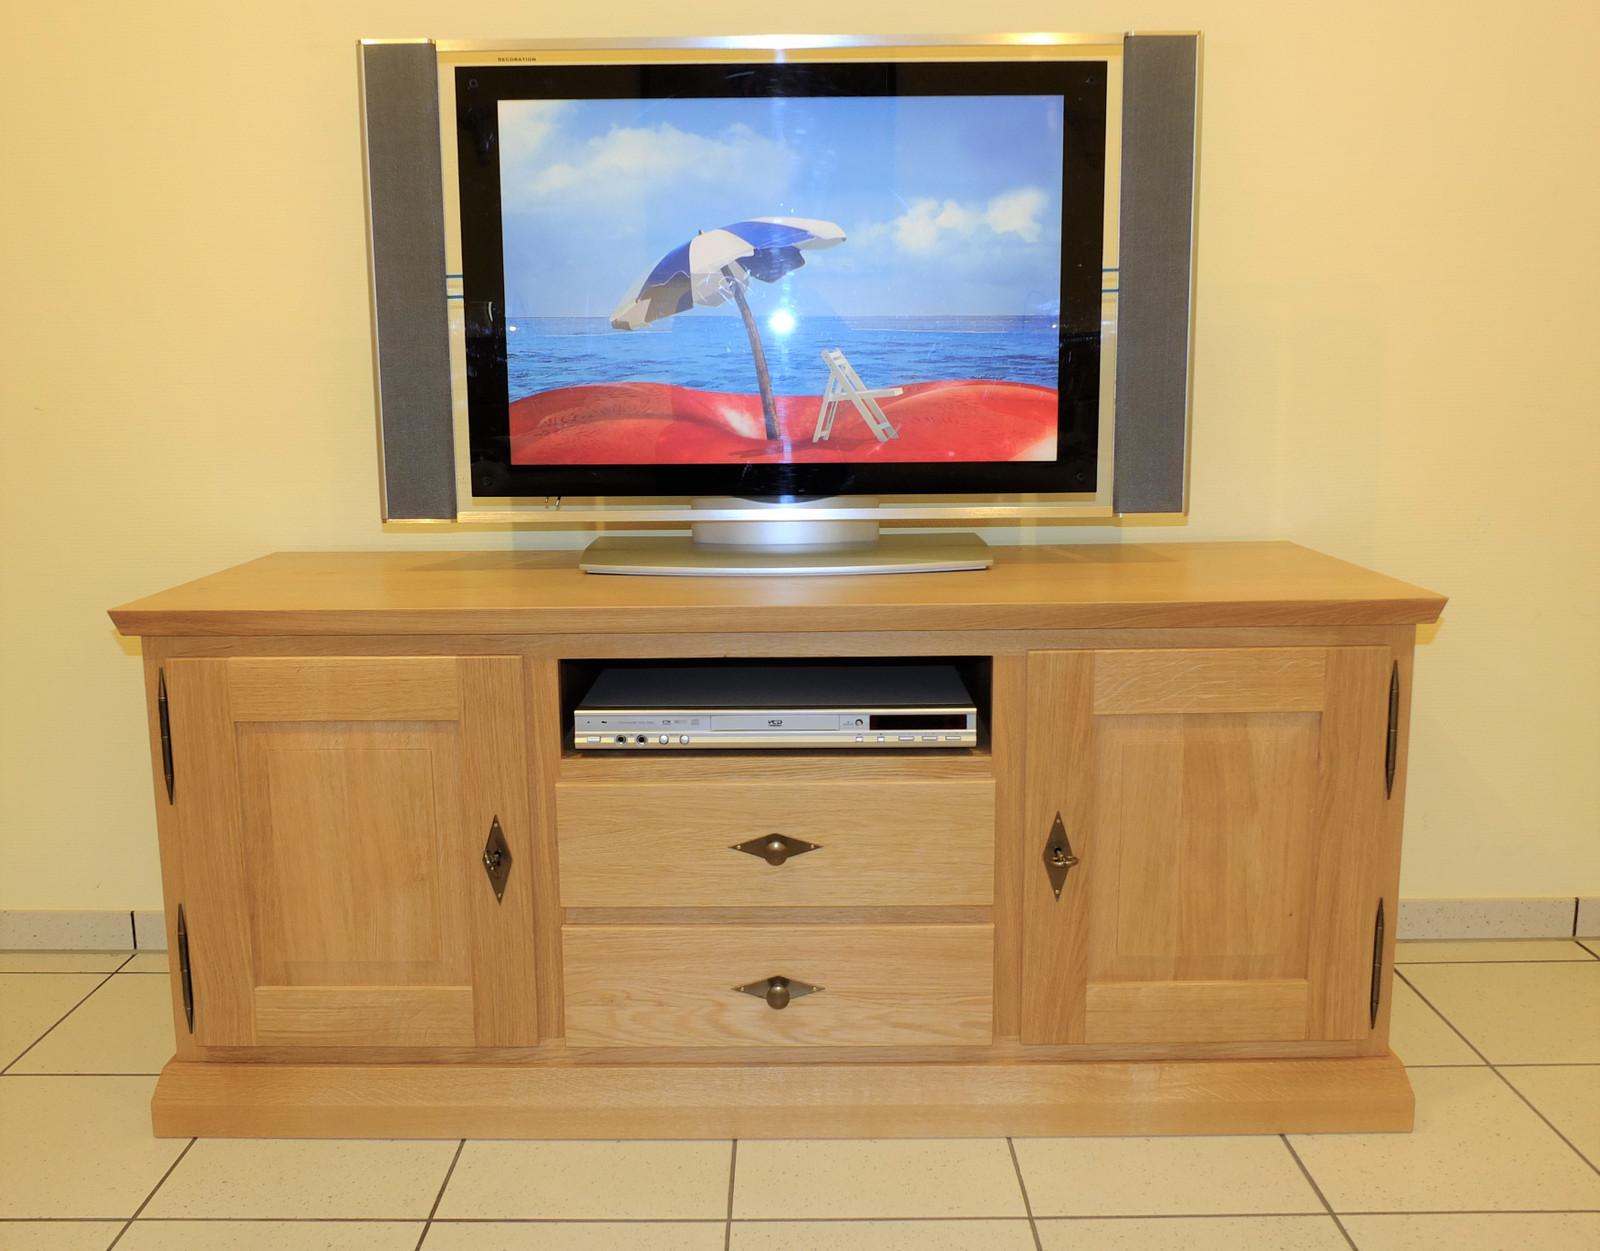 Malta Tv Lowboard Anrichte Breite 140 Cm Hohe 60 Cm Mit Geratenische Und 2 Schubladen Moderner Landhausstil Eiche Massiv Auch In Buche Oder